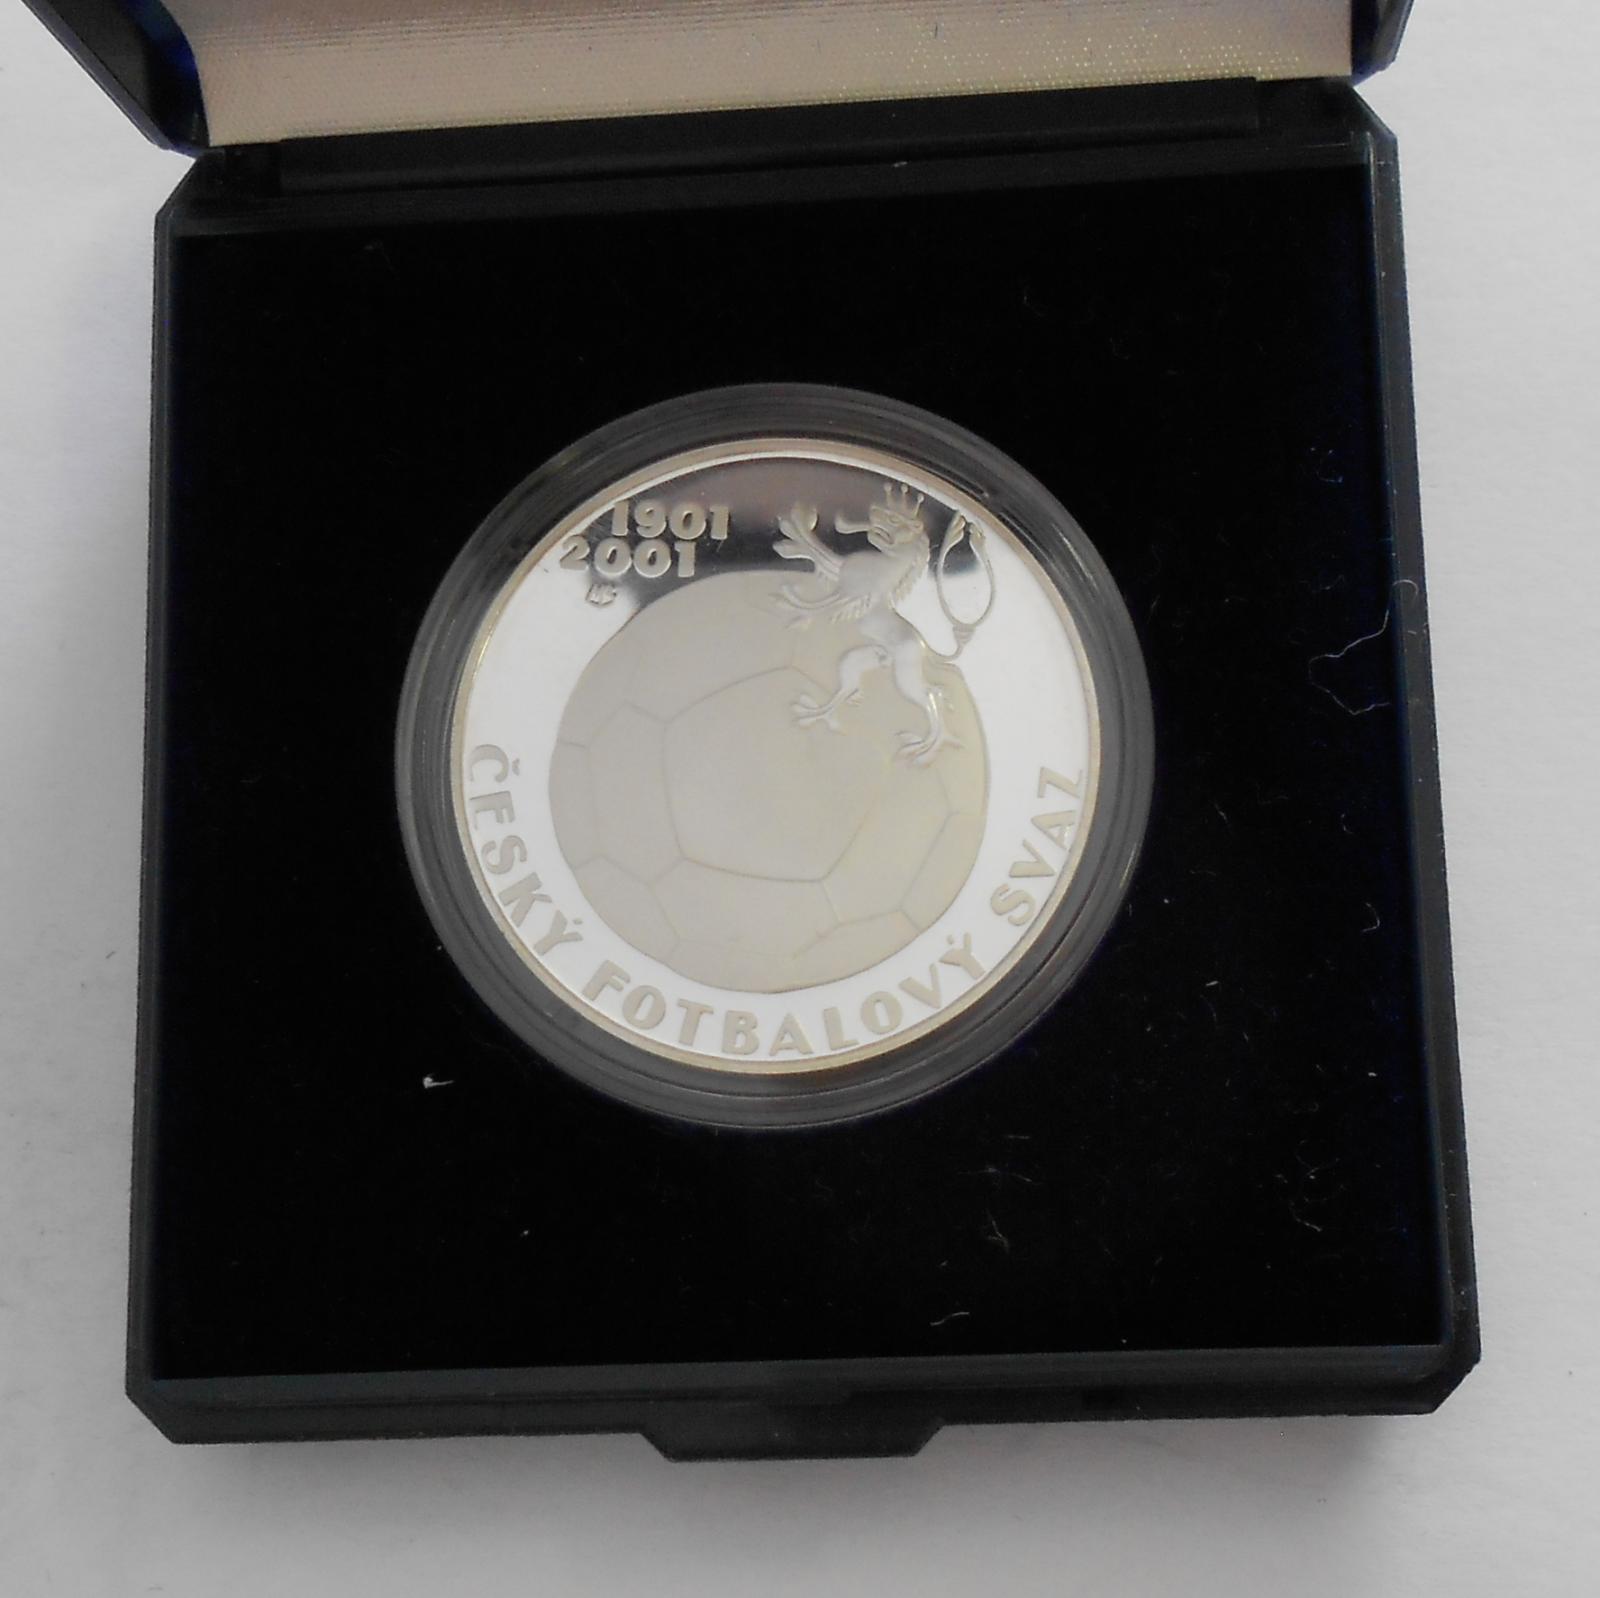 200 Kč(2006-fotbal), stav PROOF, etue a certifikát